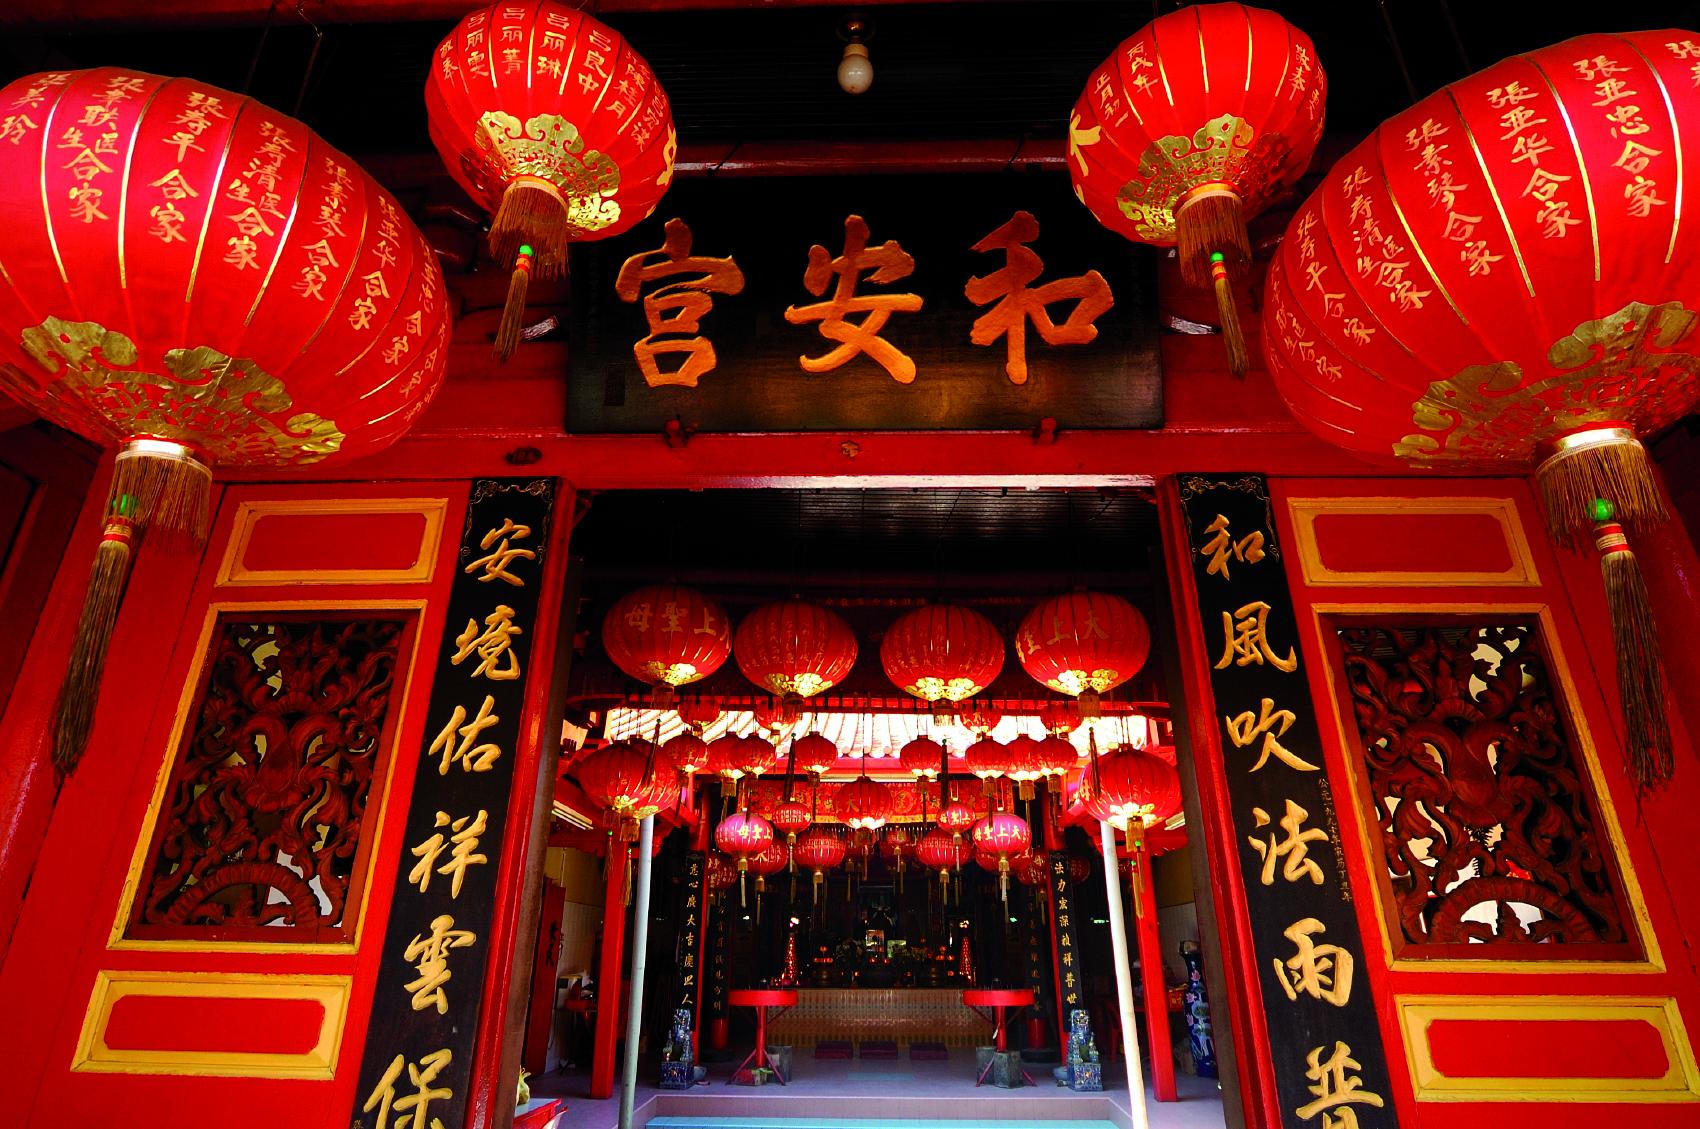 Tour Du Lịch Đài Loan Tết 2019: Đài Bắc - Đài Trung - Dương Minh Sơn - Phố Cổ Thập Phần - Cao Hùng